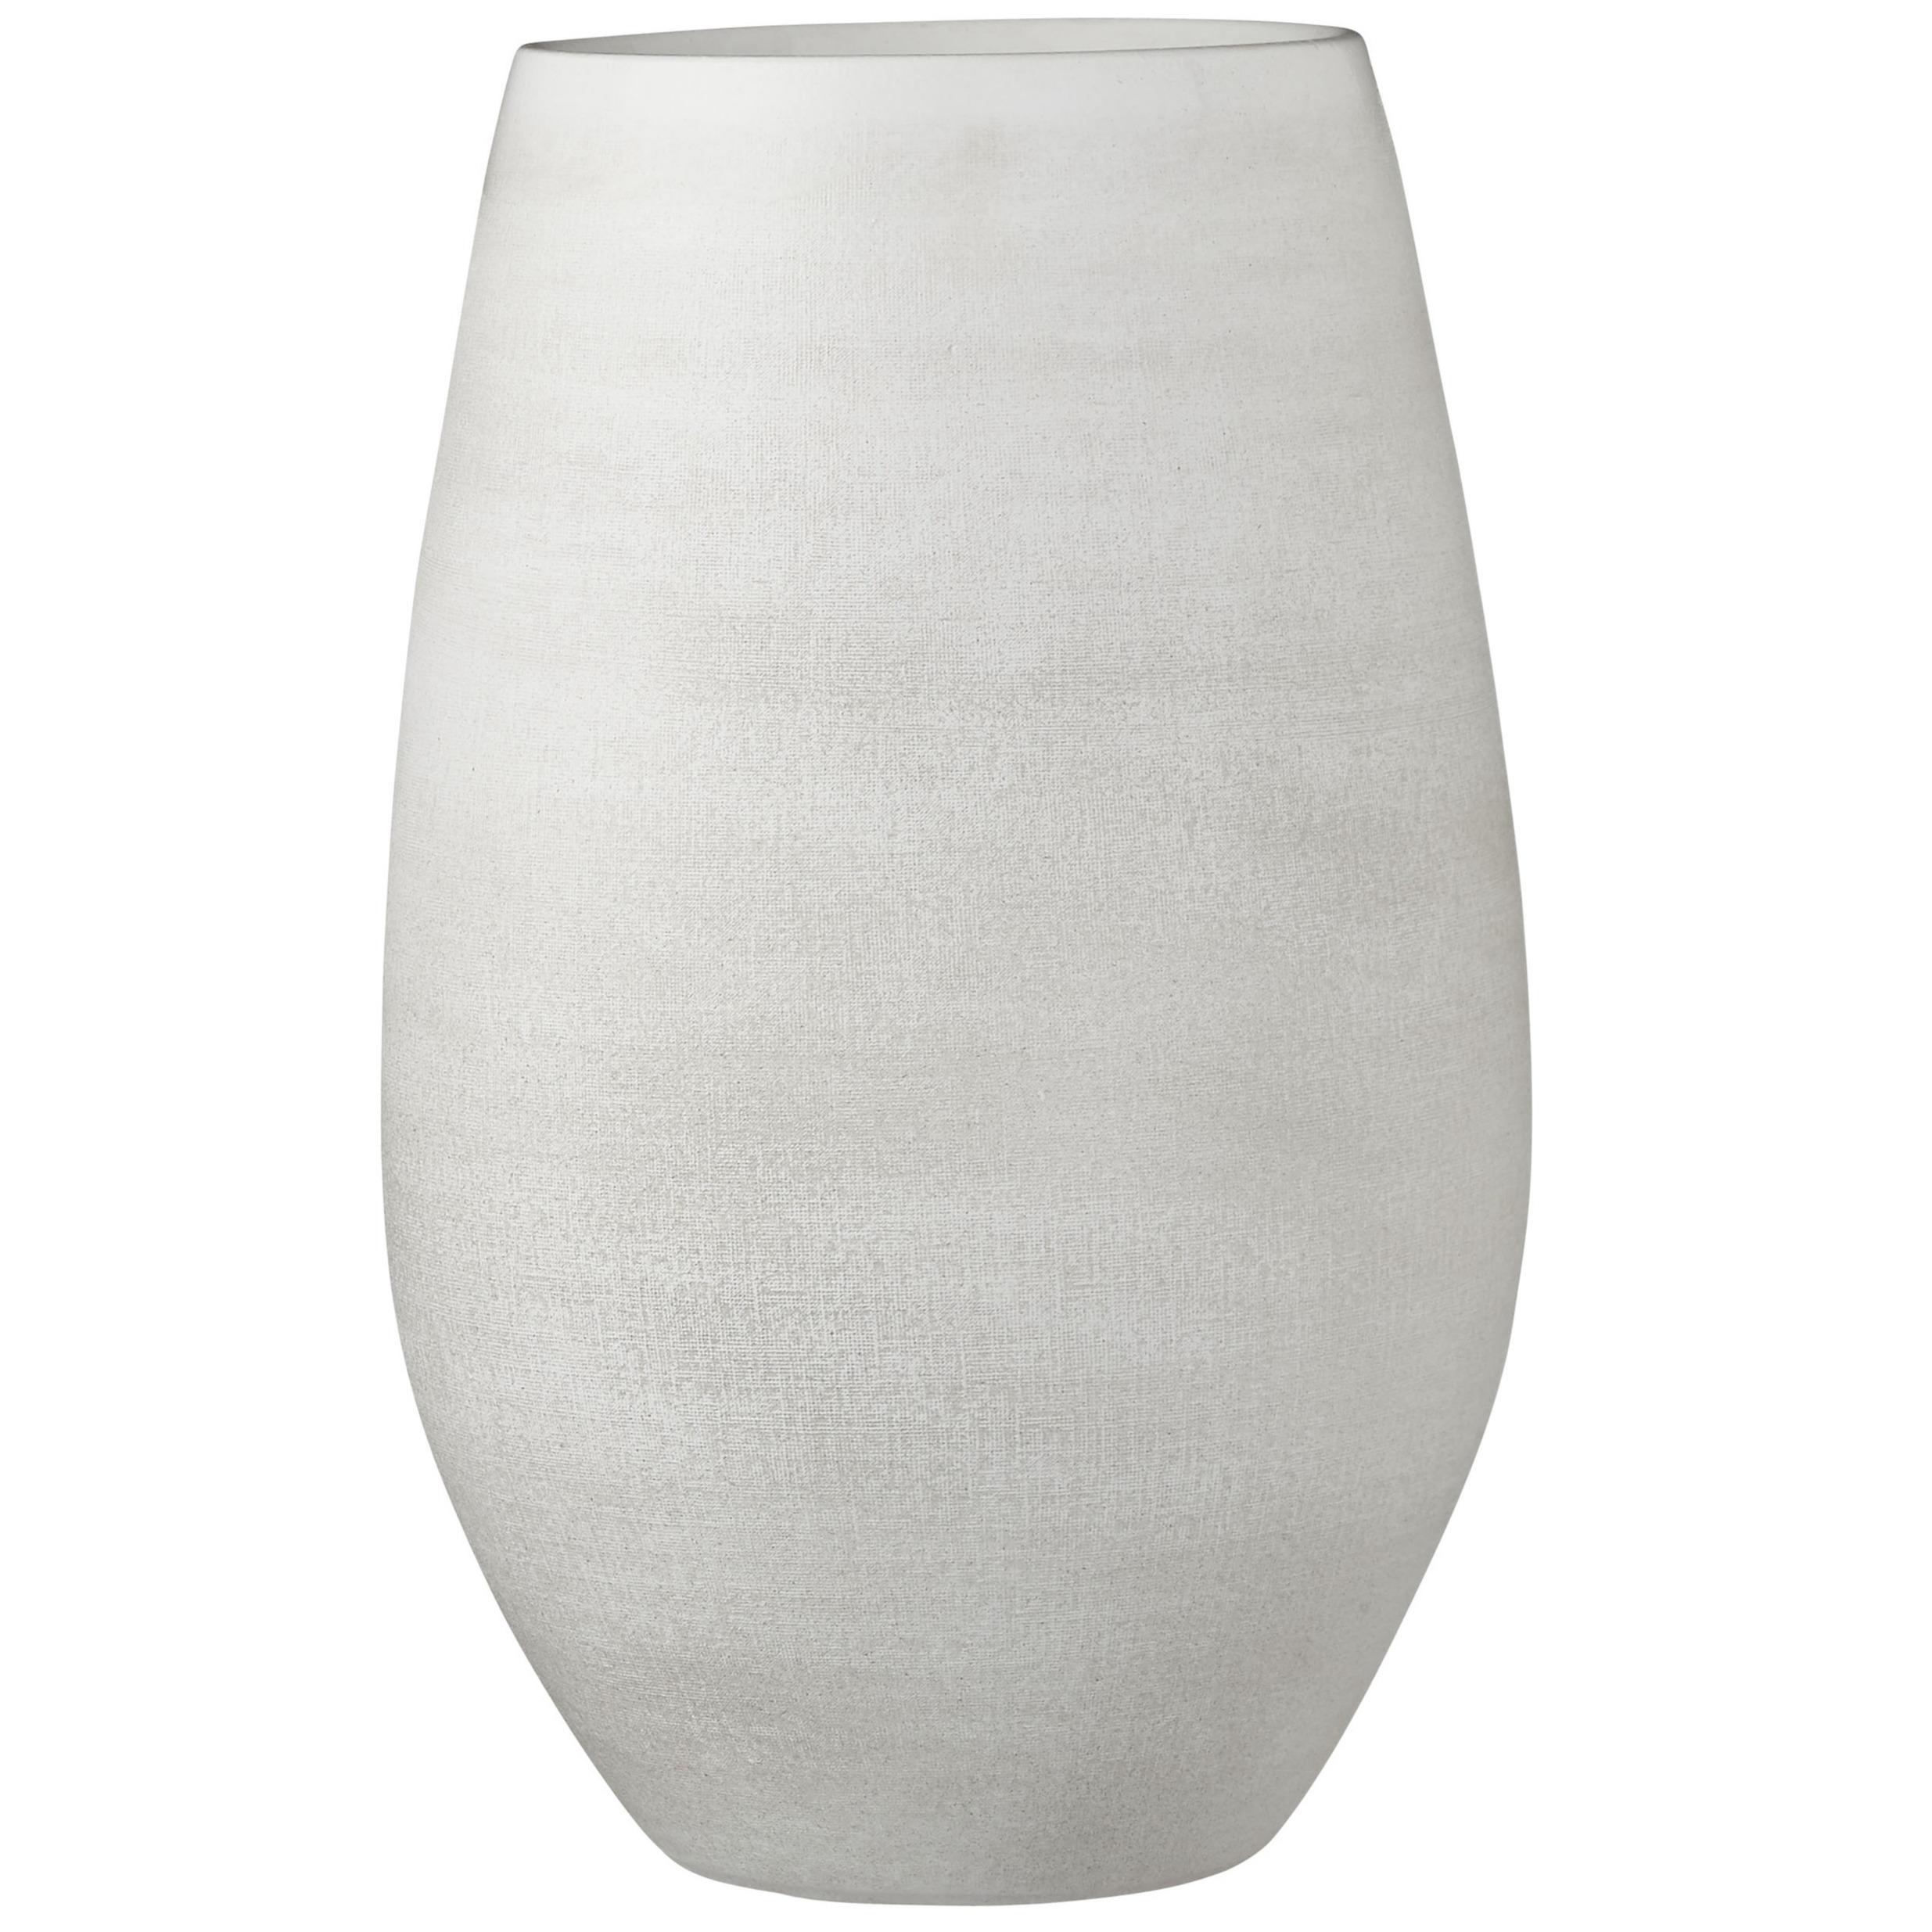 Bloempot vaas creme wit keramiek voor bloemen-planten H40 x D26 cm